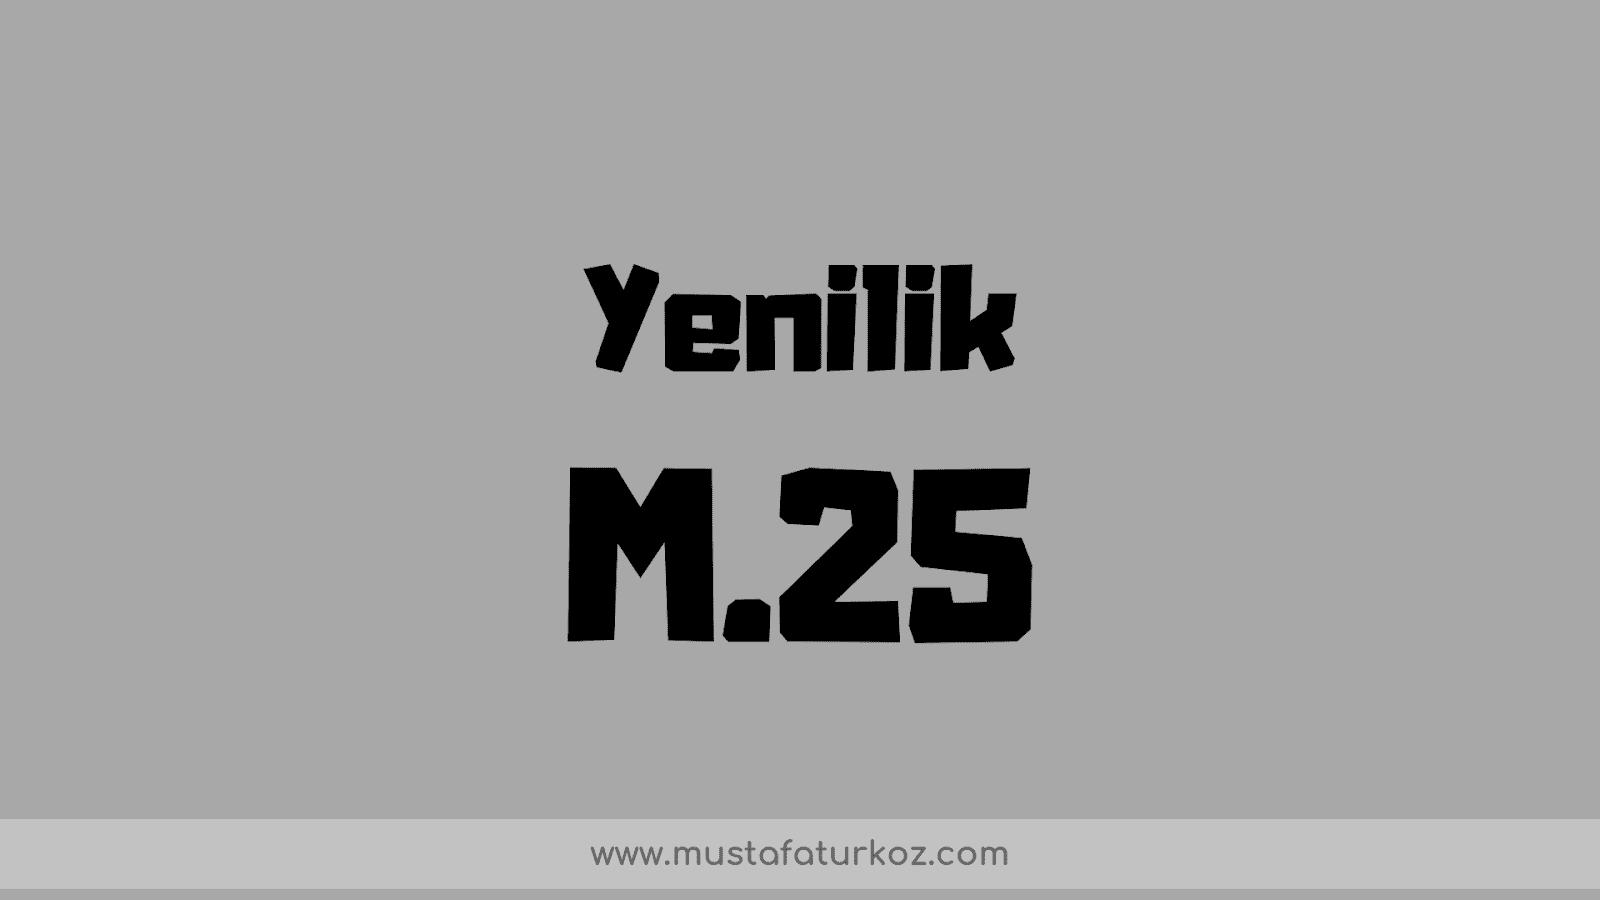 m25 yenilik